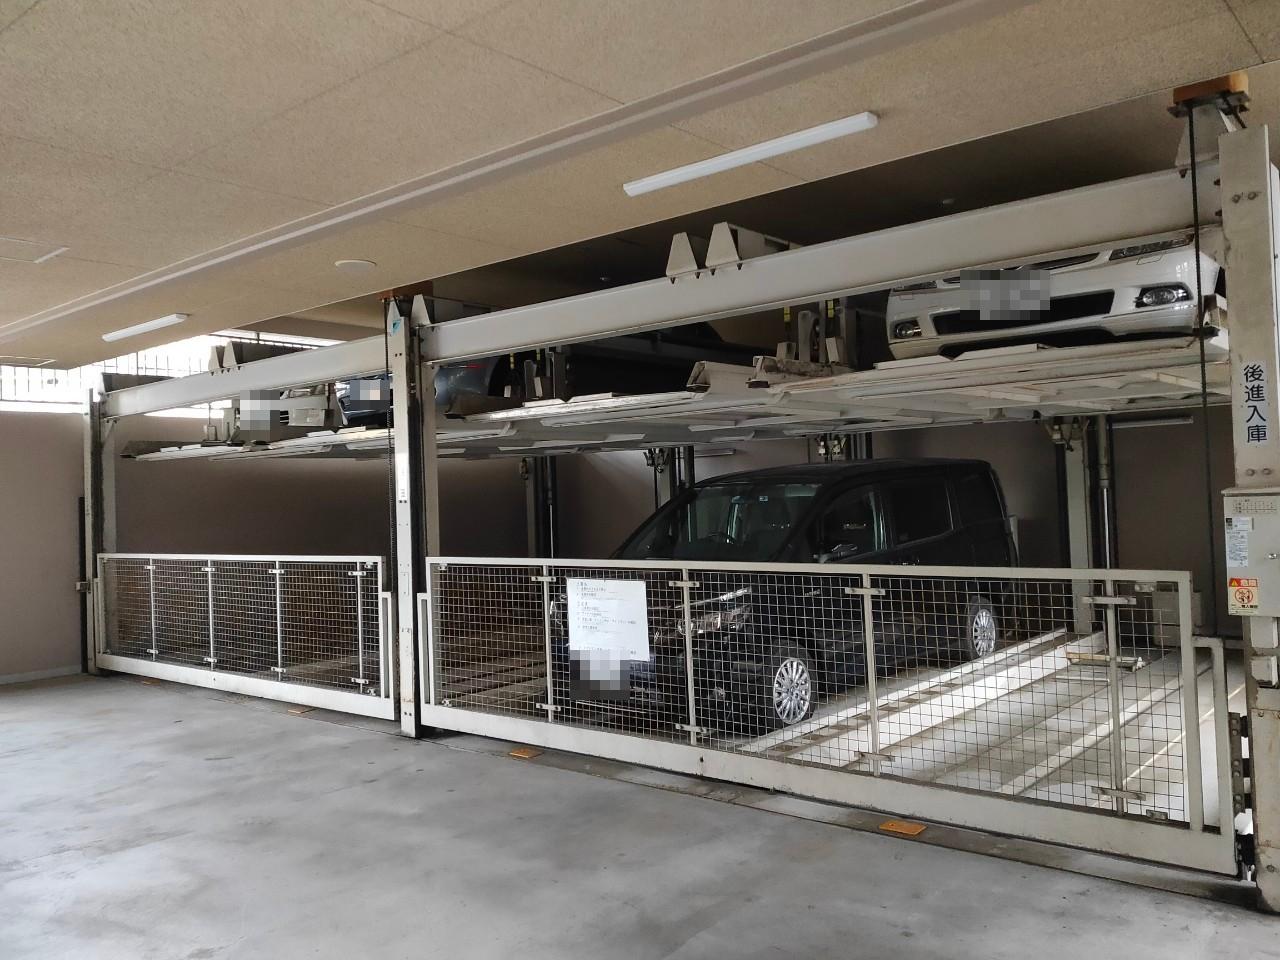 2020年7月度 関西16件/関東7件 立体駐車場メンテナンス受託を頂きました!